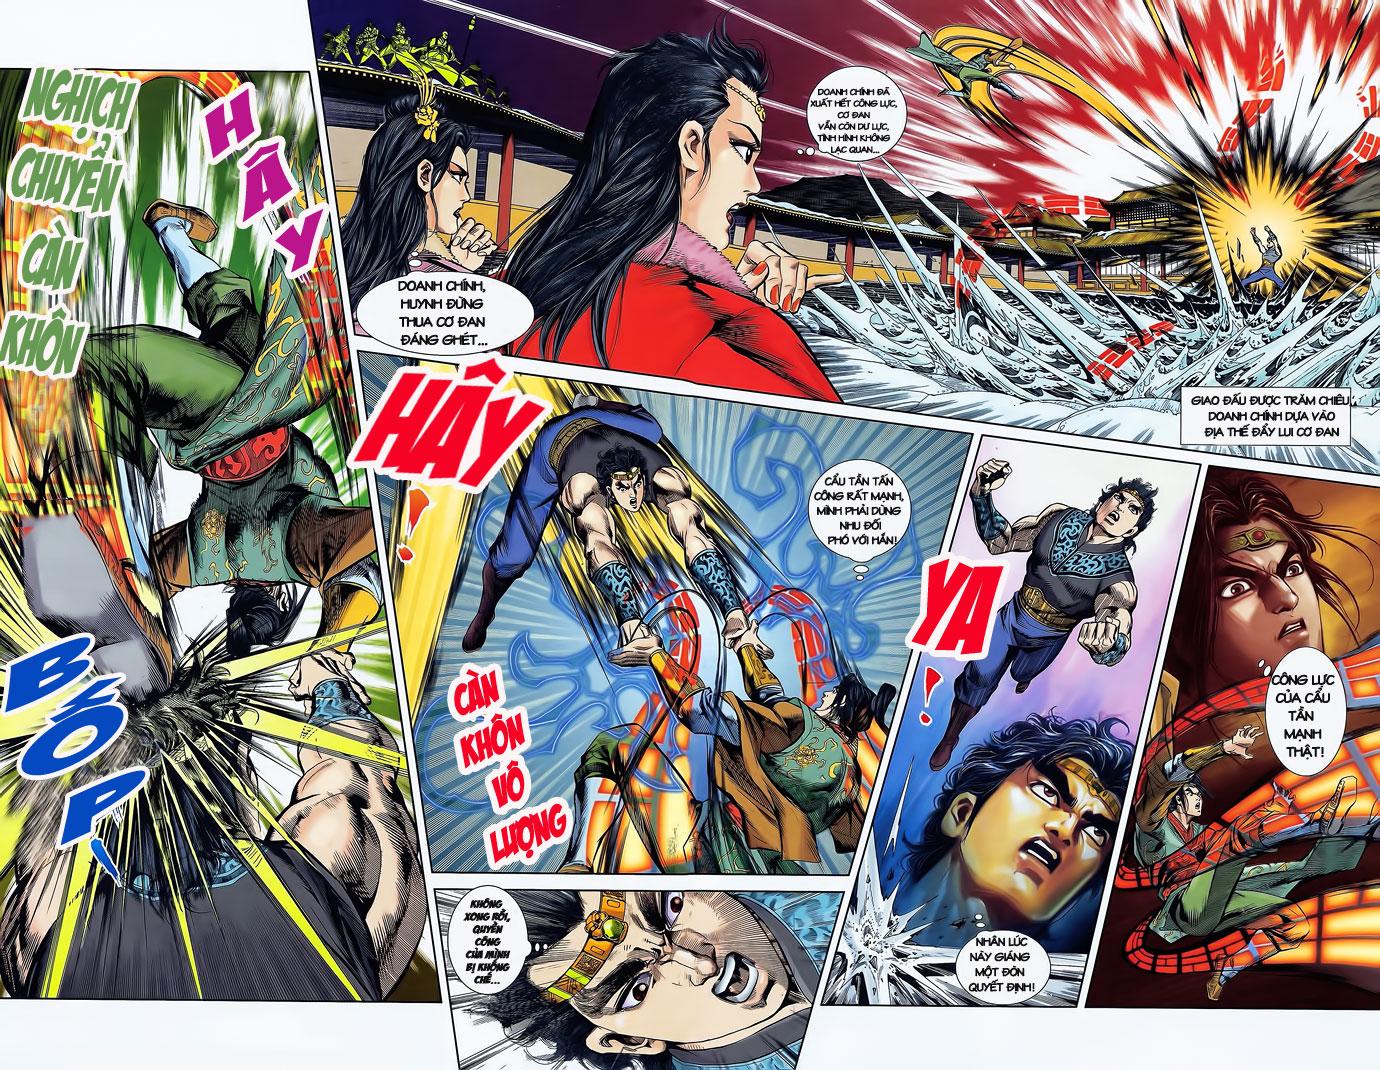 Tần Vương Doanh Chính chapter 2 trang 22